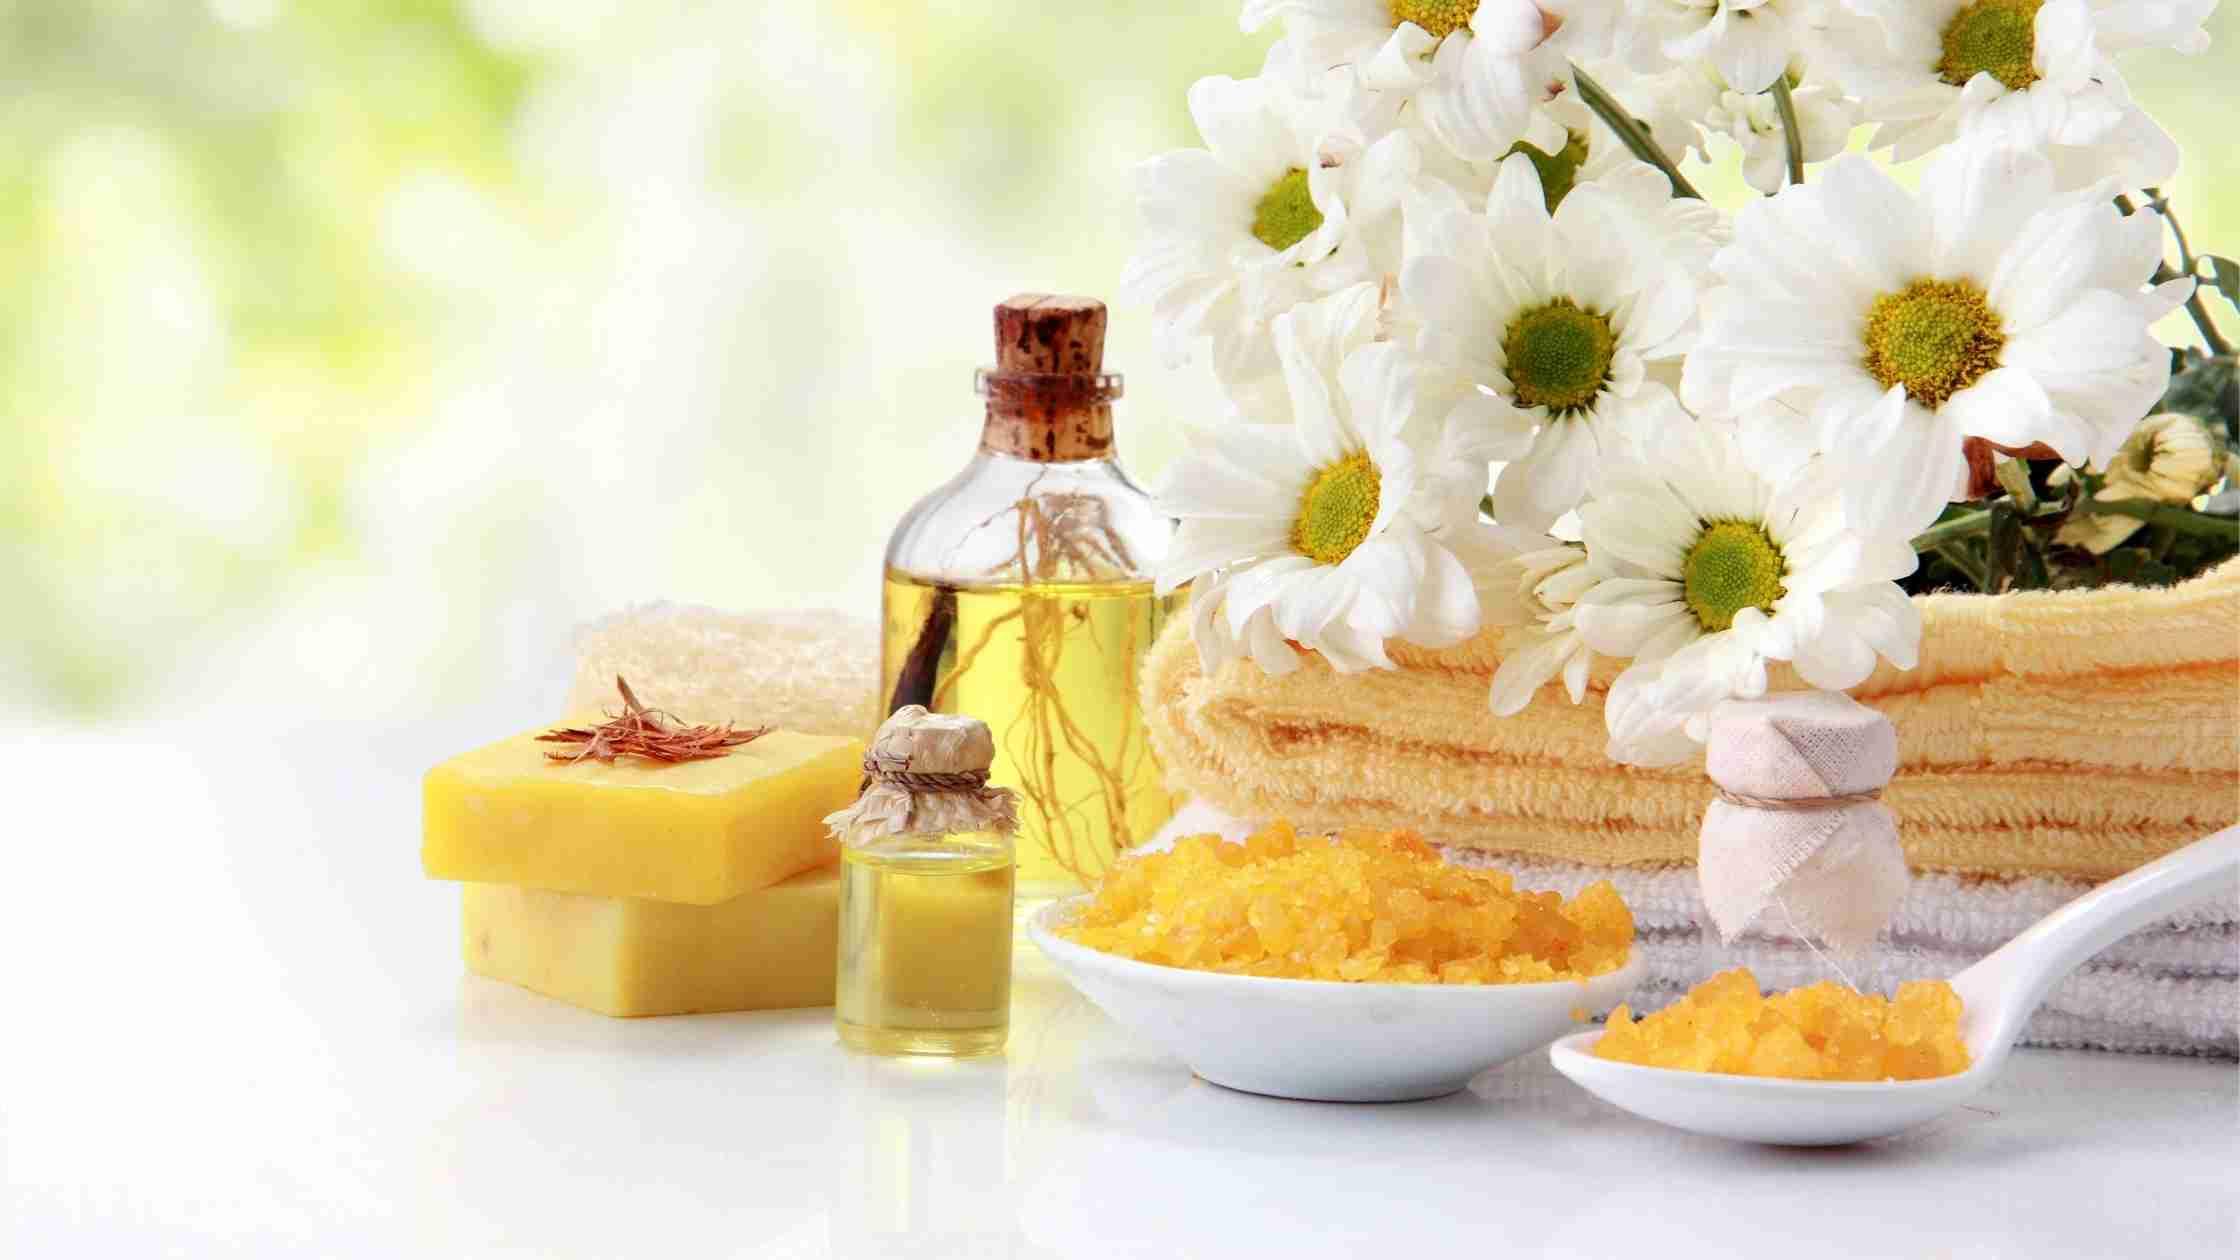 Mineralna olja v kozmetiki – alternativa je naravna kozmetika